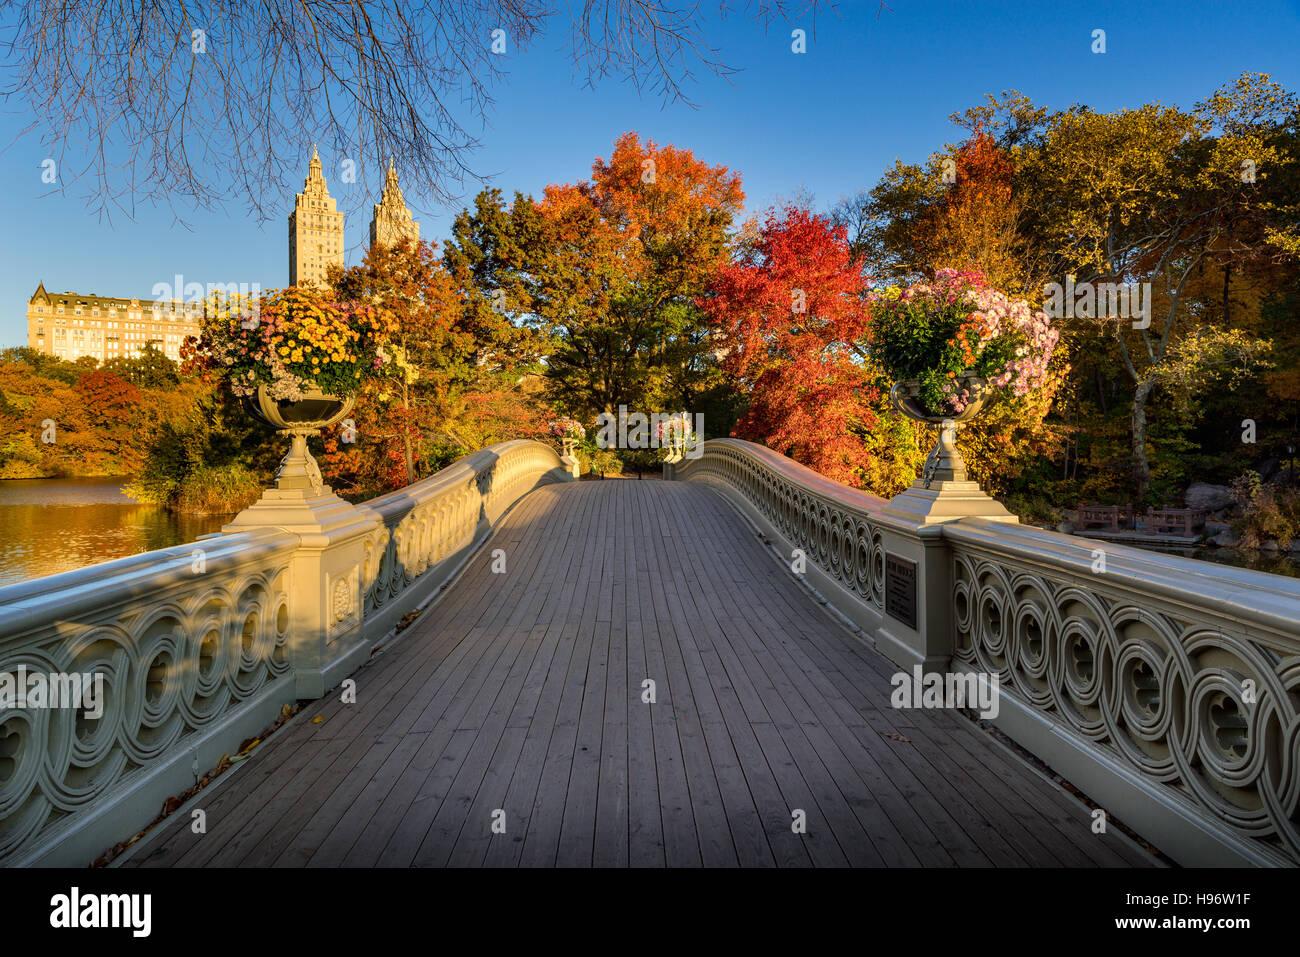 Fallen Sie im Central Park am See mit der Bogenbrücke. Sonnenaufgang mit bunten Herbstlaub. Upper West Side Stockbild